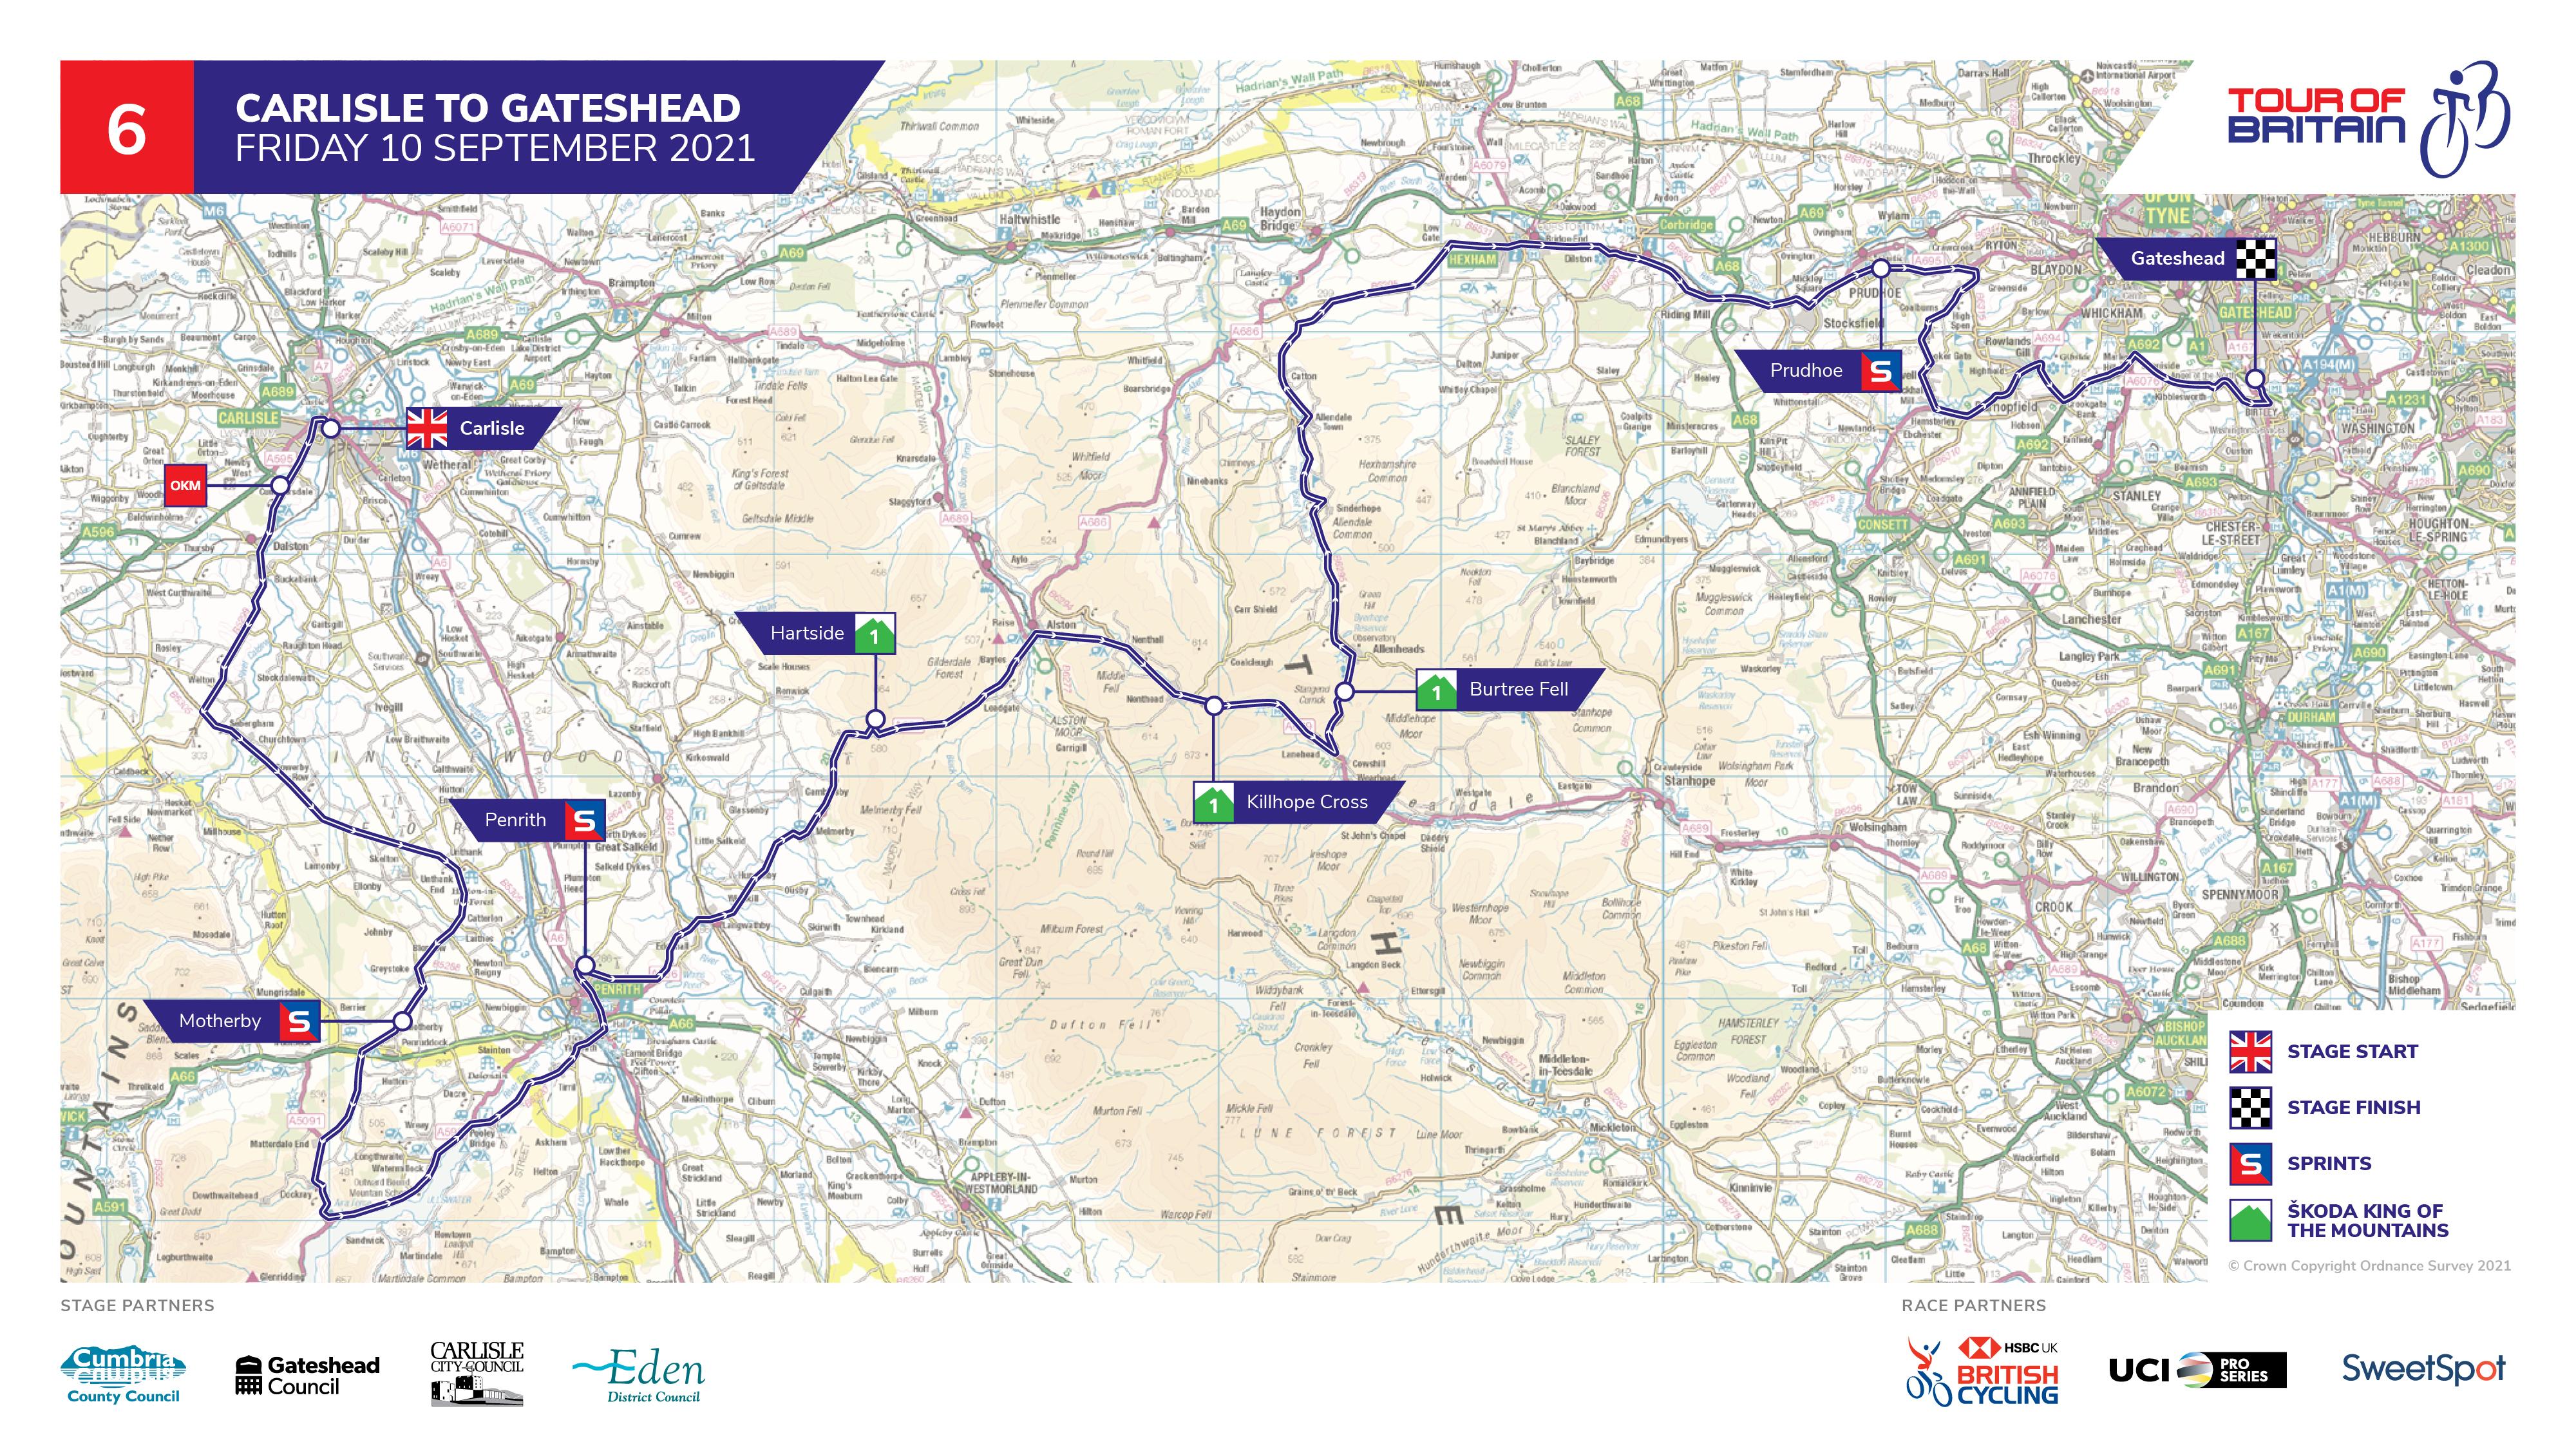 Tour of Britain 2021 Carlisle to Gateshead route